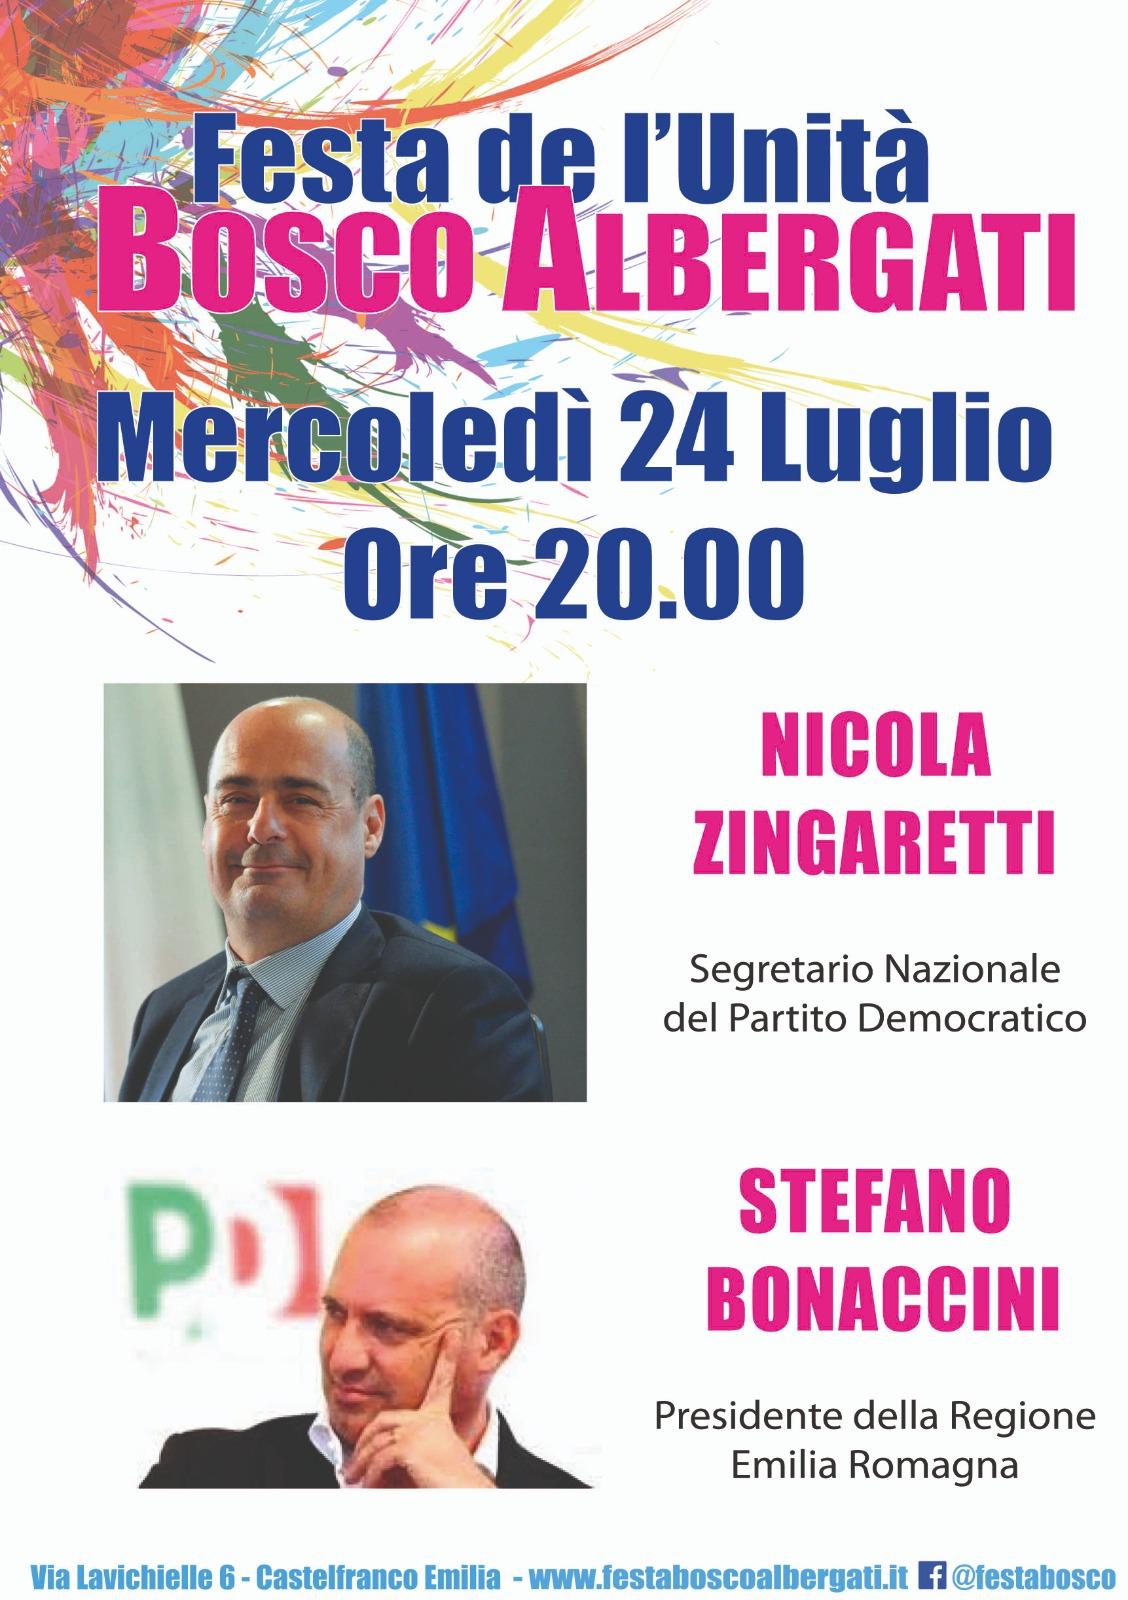 Bosco Albergati, 24 luglio